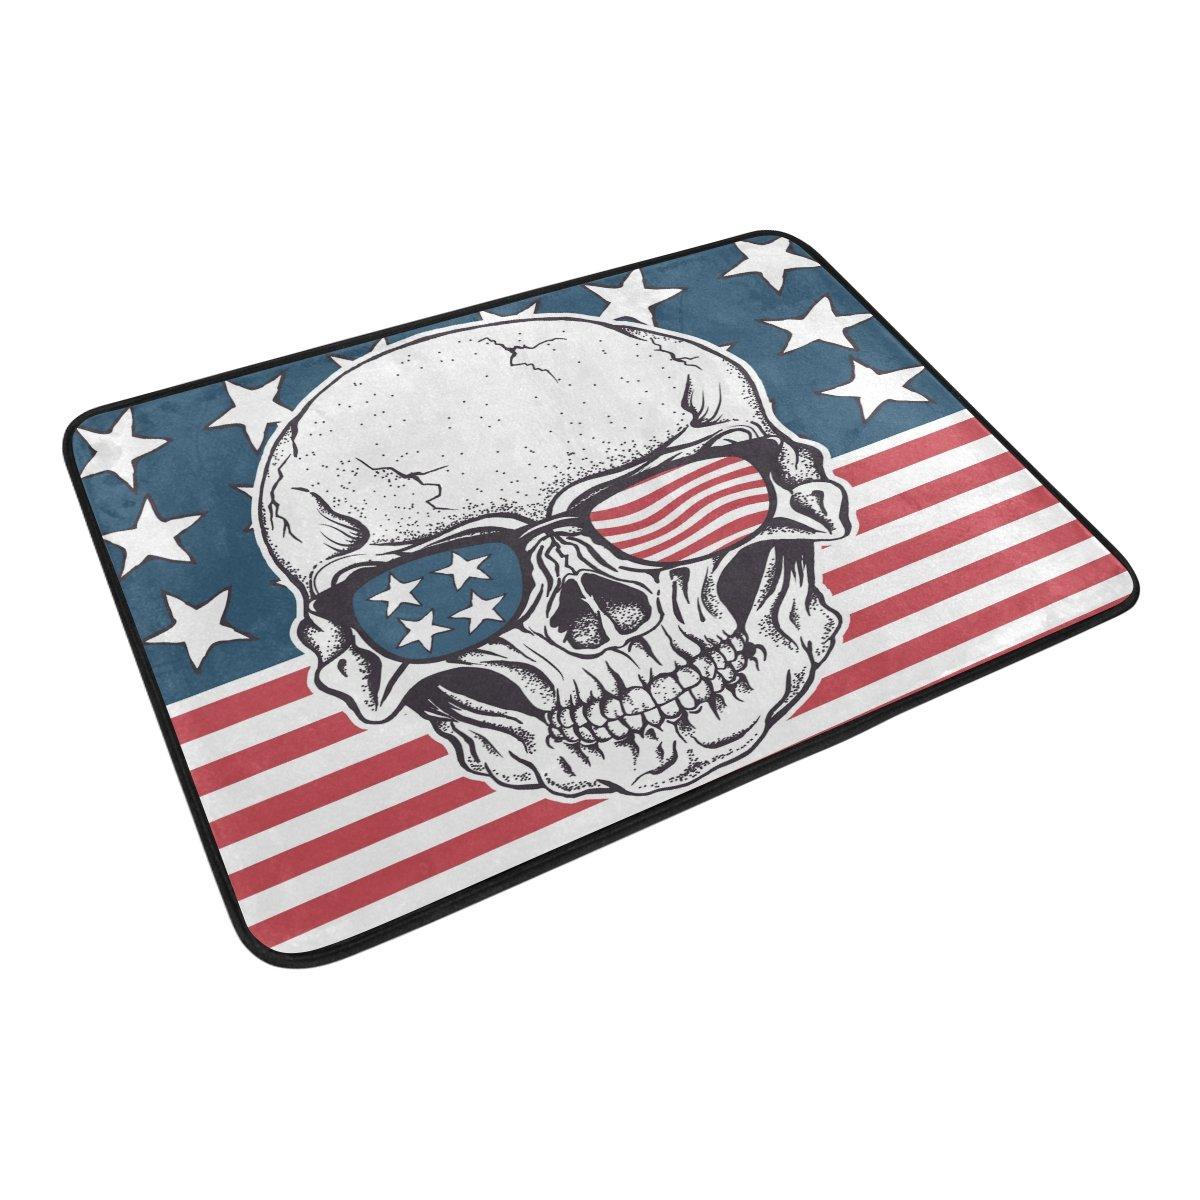 Alfombrilla de baño, Calavera la Bandera Americana Imprimir Antideslizante Anti Molde fácil seco Felpudo Alfombra para habitación de Ducha baño Puerta ...